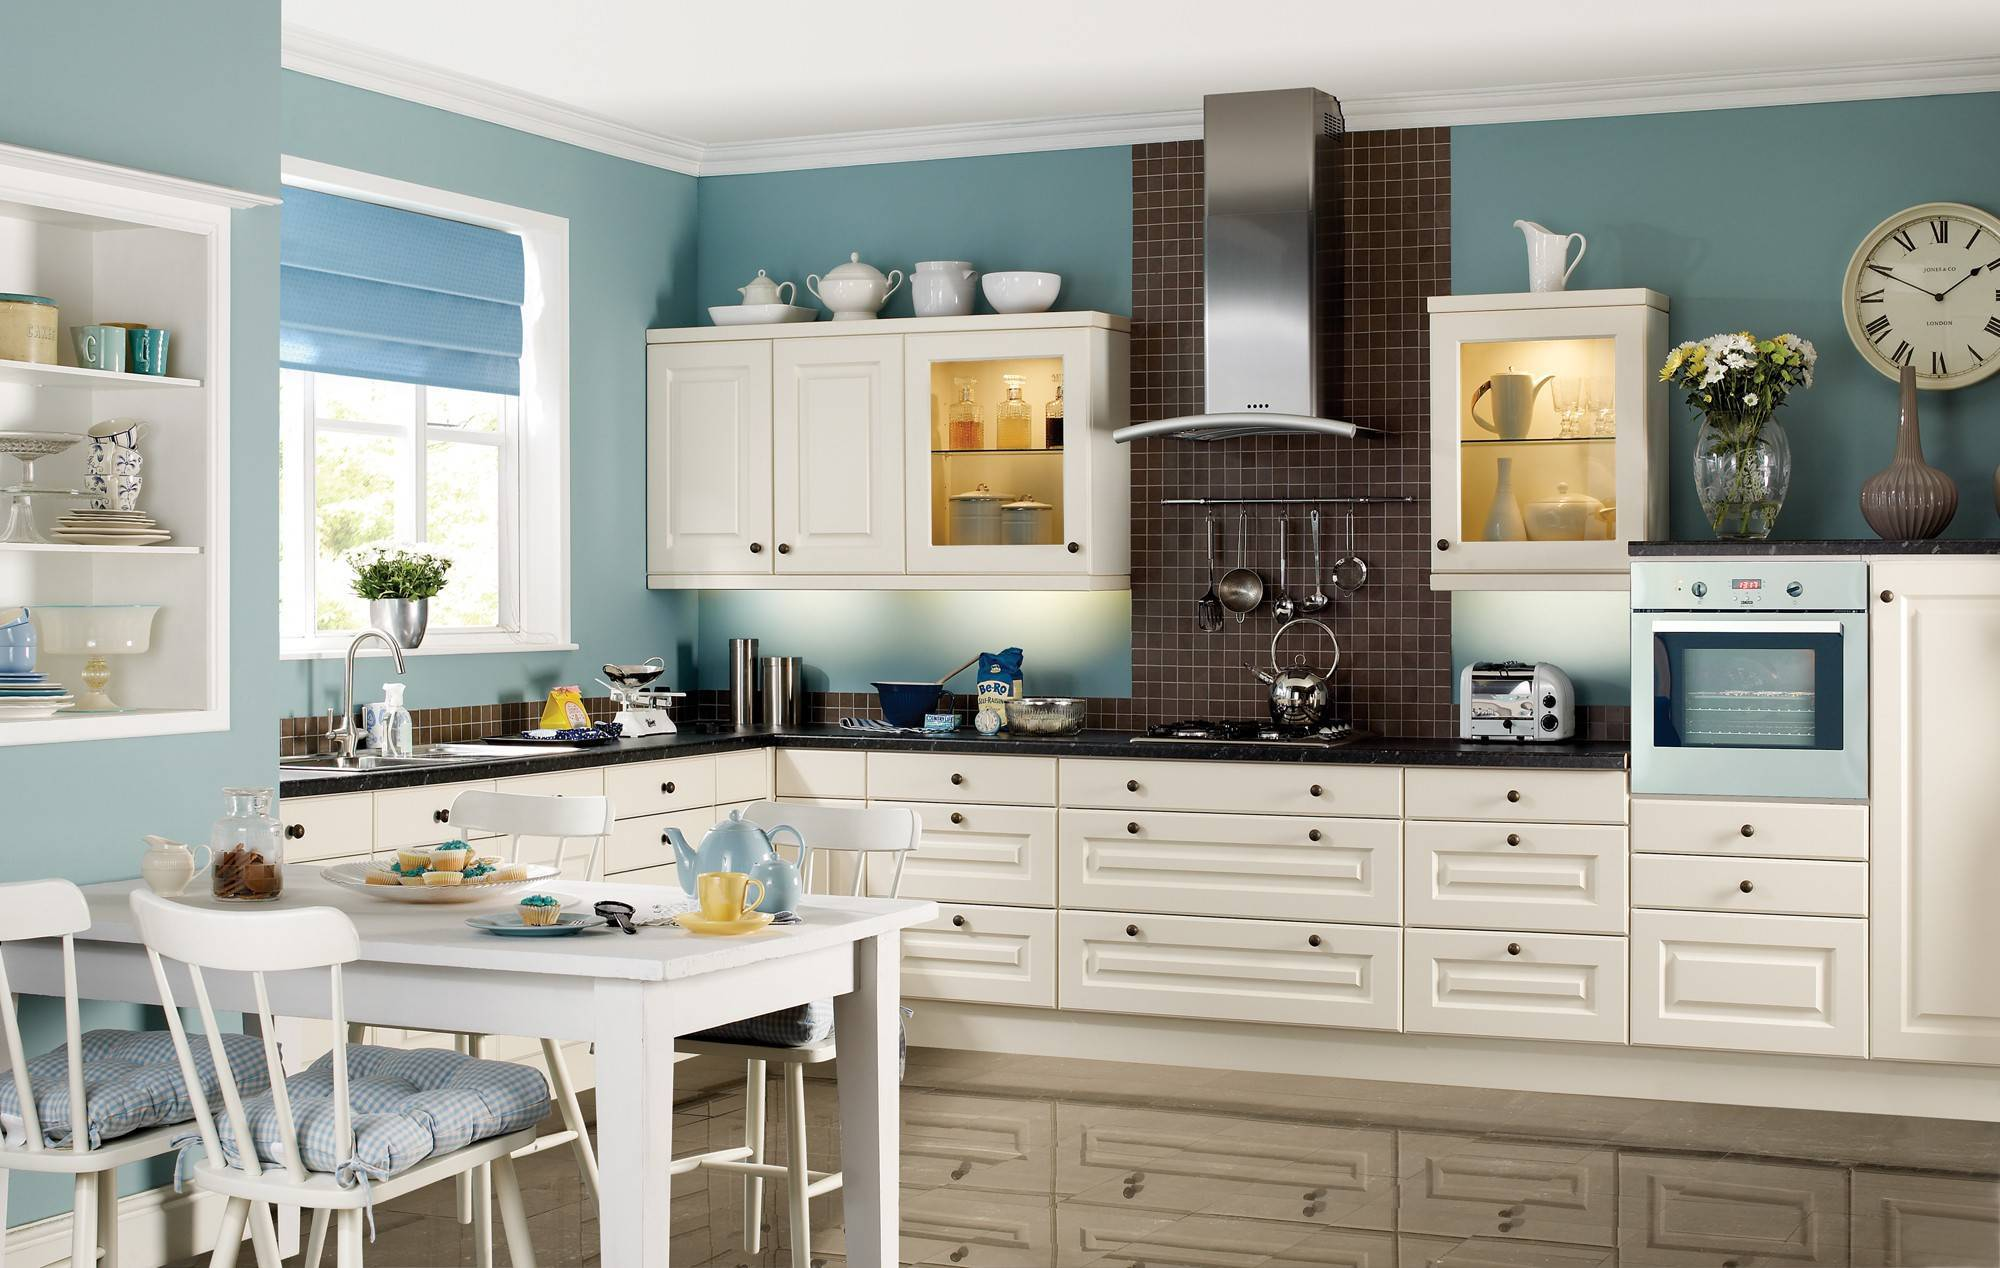 Какую краску выбрать для стен на кухне?